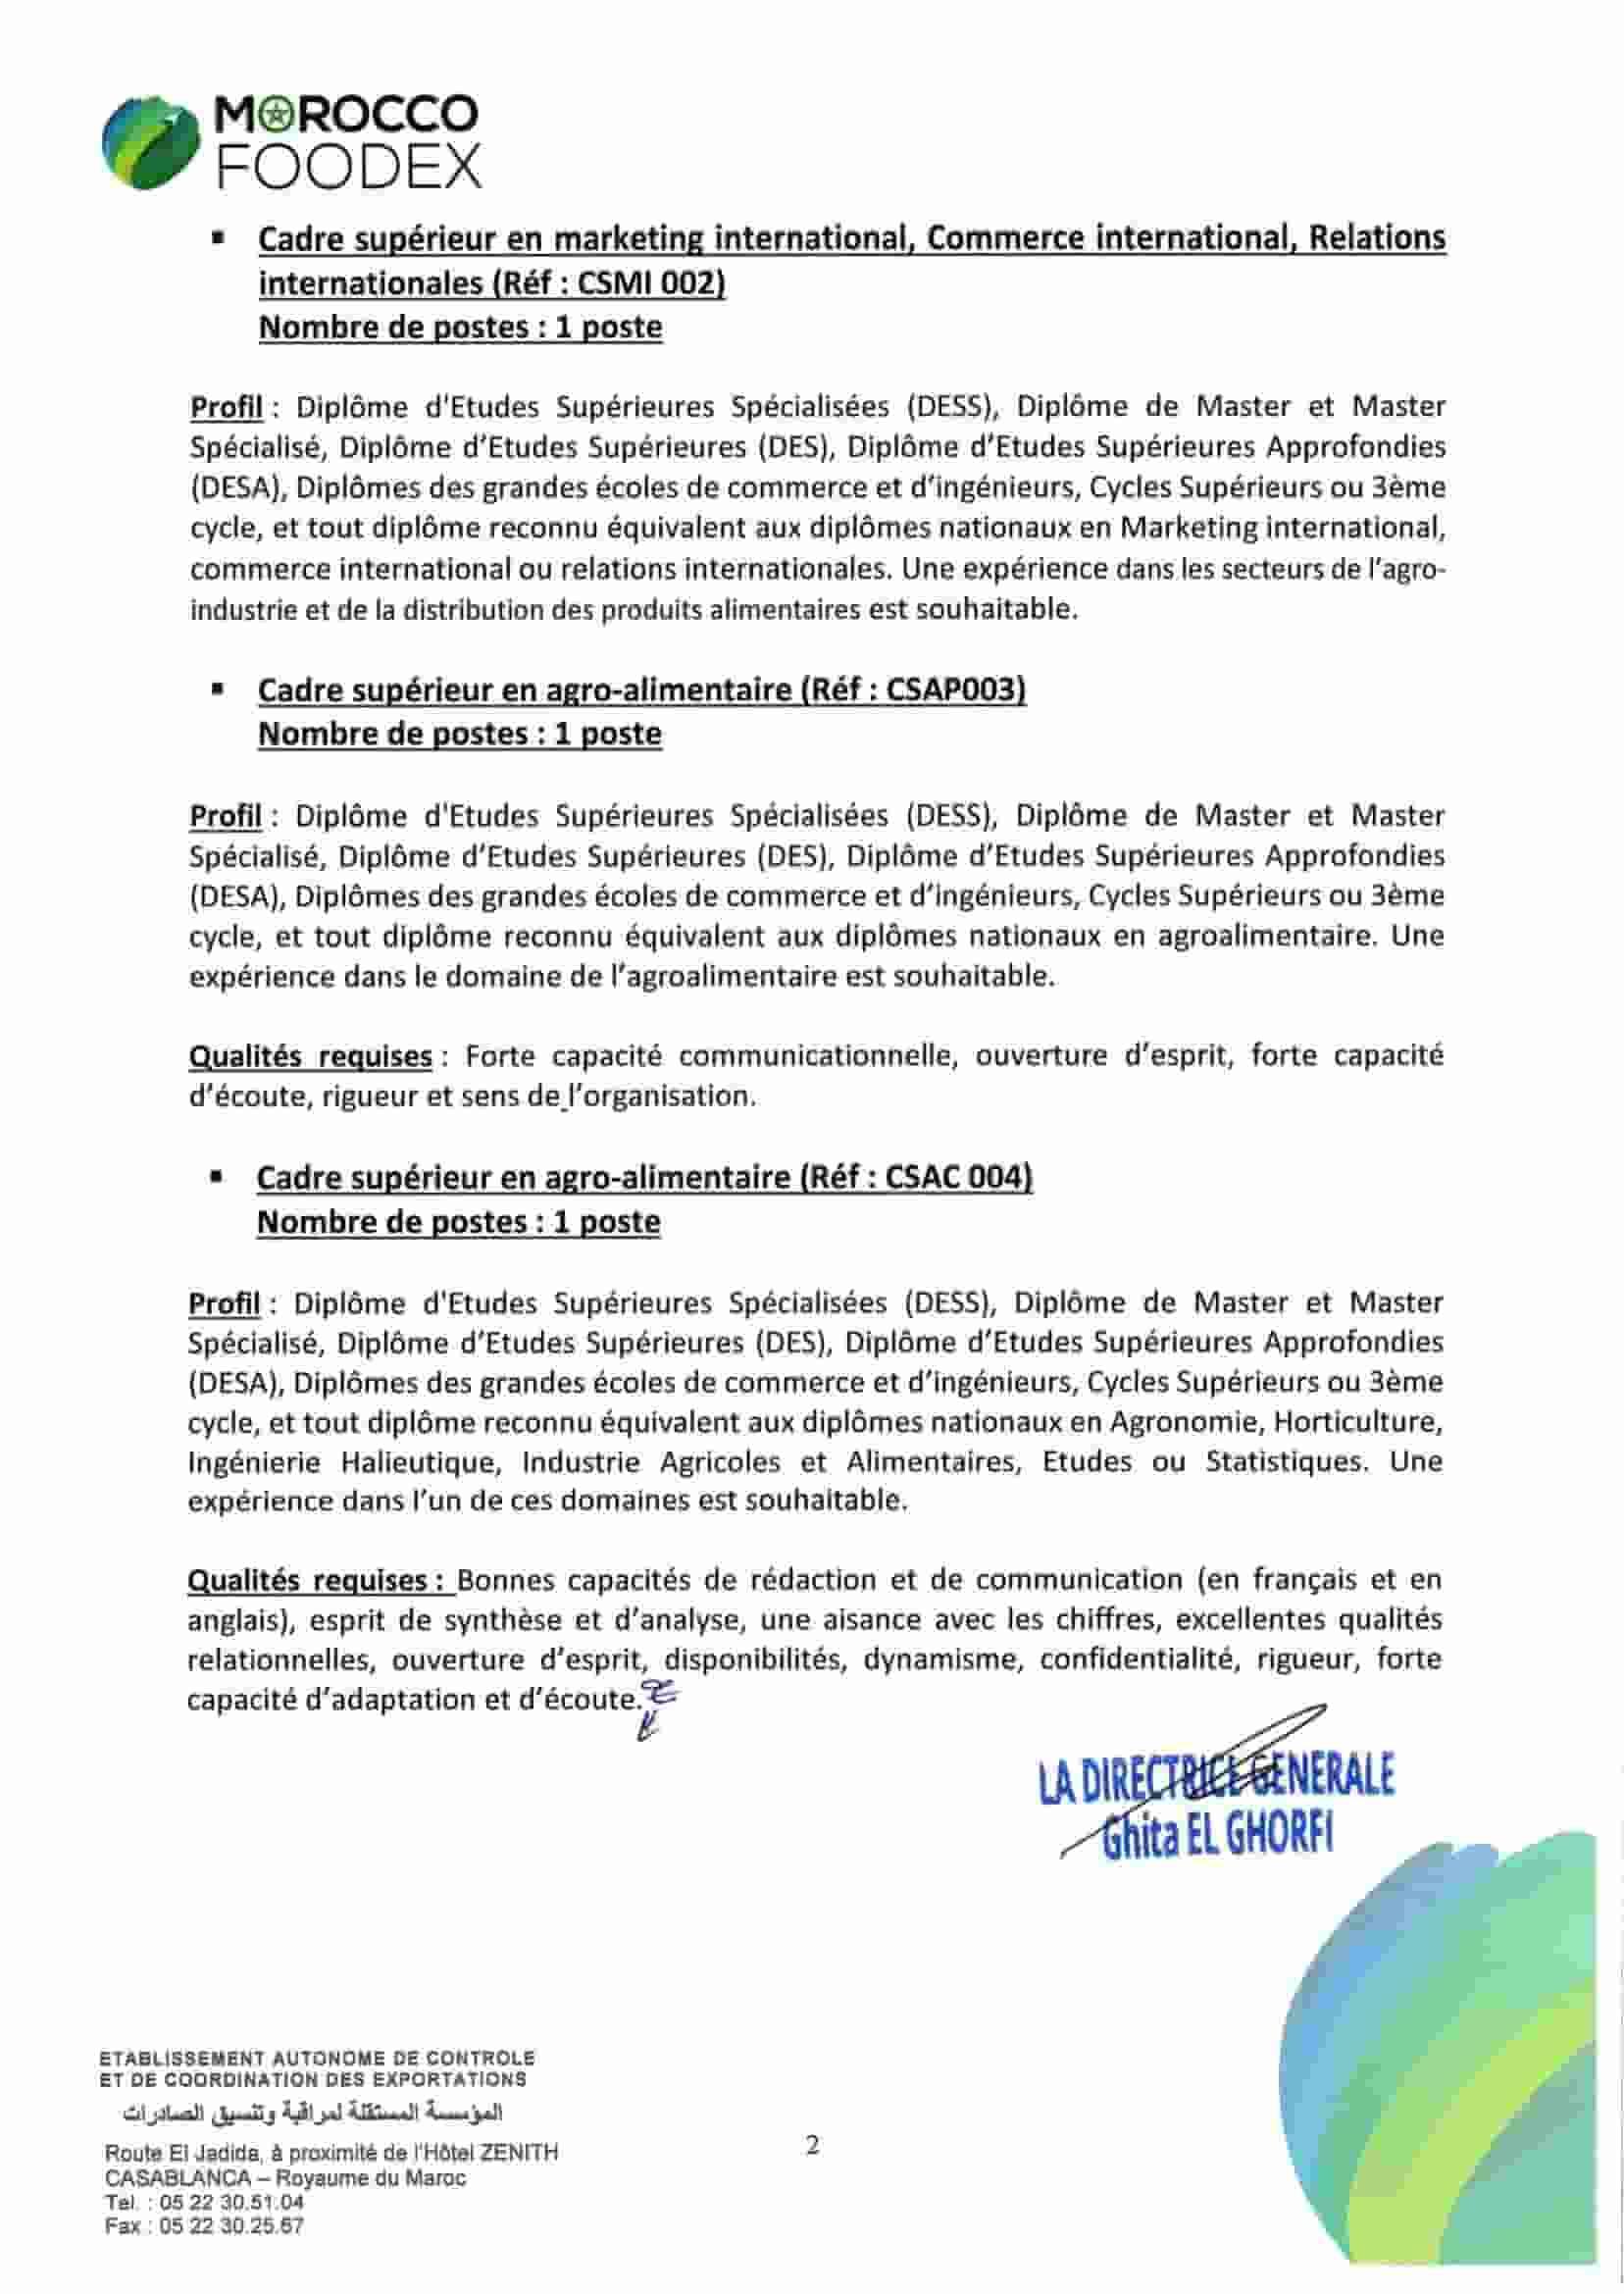 المؤسسة المستقلة لمراقبة وتنسيق الصادرات مباراة توظيف 13 منصب في مختلف الدرجات و التخصصات اخر اجل 18 نونبر 2020 Avis-c20